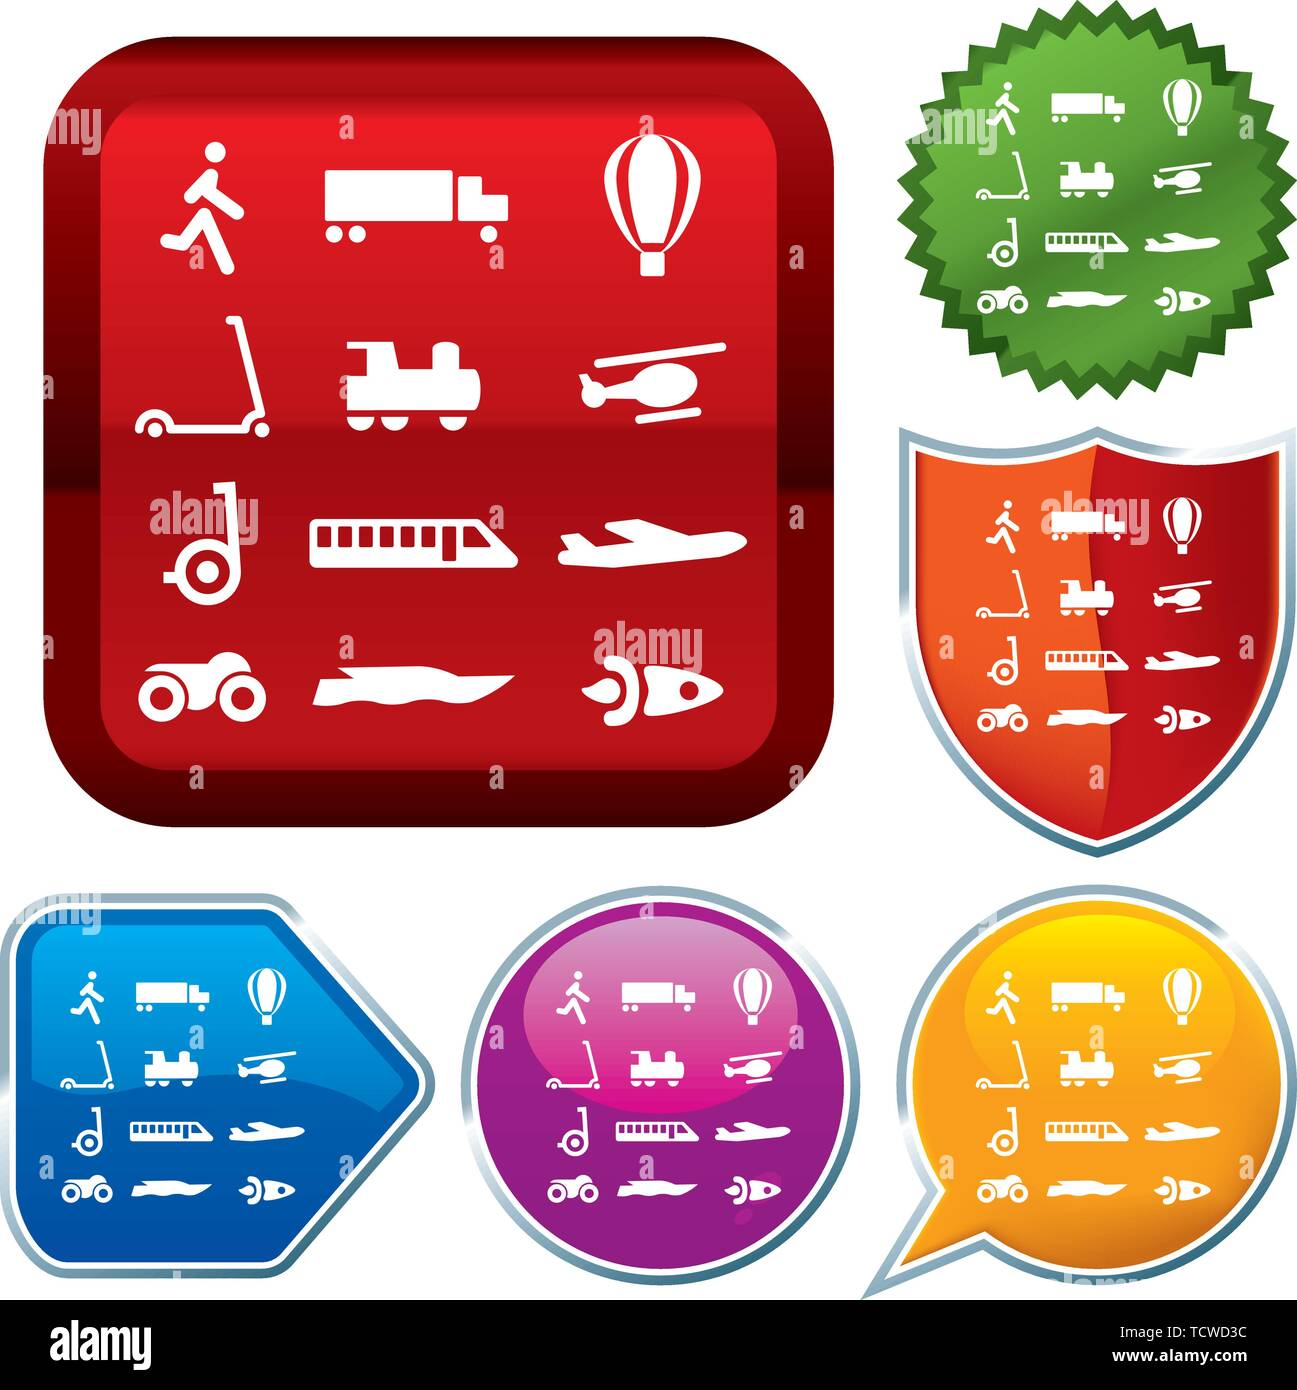 Illustrazione Vettoriale. Imposta icona lucido serie sui pulsanti. I mezzi di trasporto. Immagini Stock